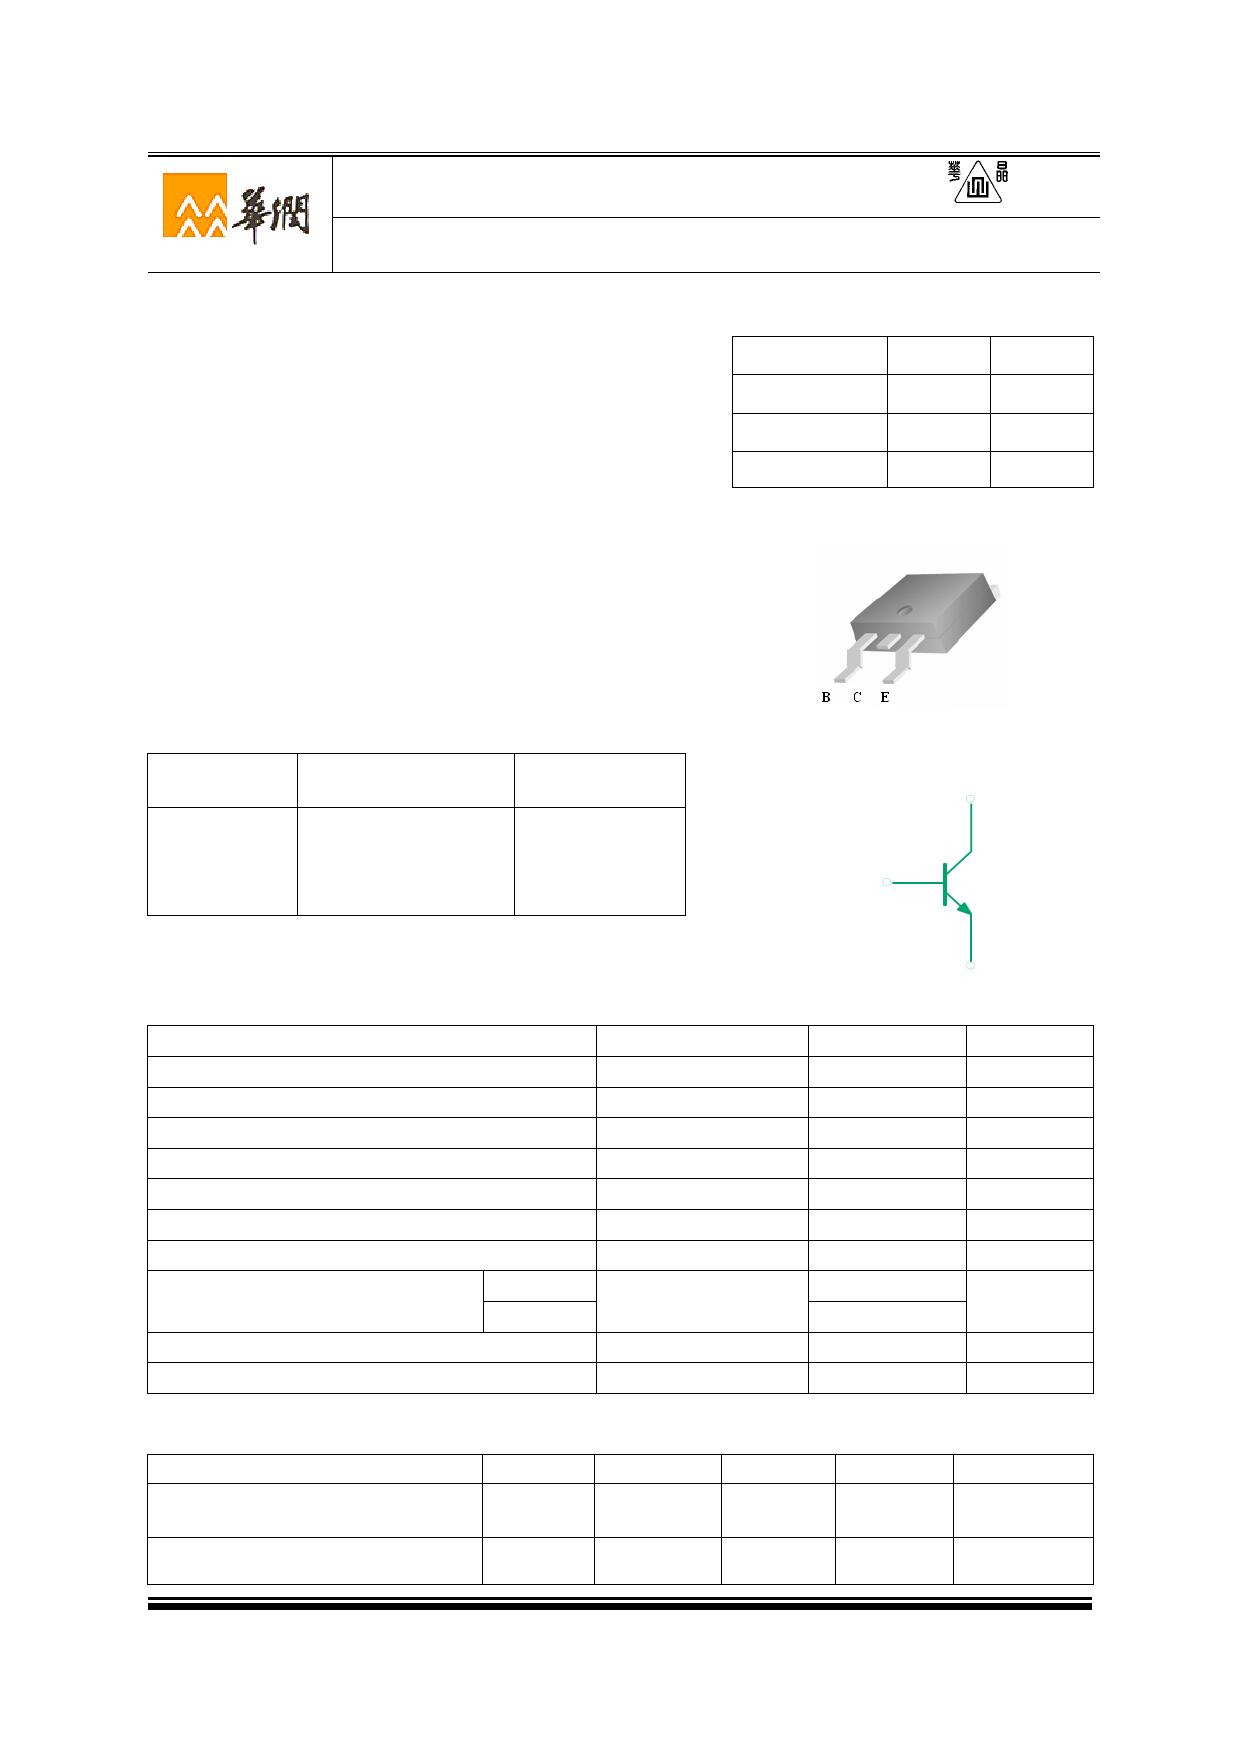 3DD4550A4 Datasheet, 3DD4550A4 PDF,ピン配置, 機能